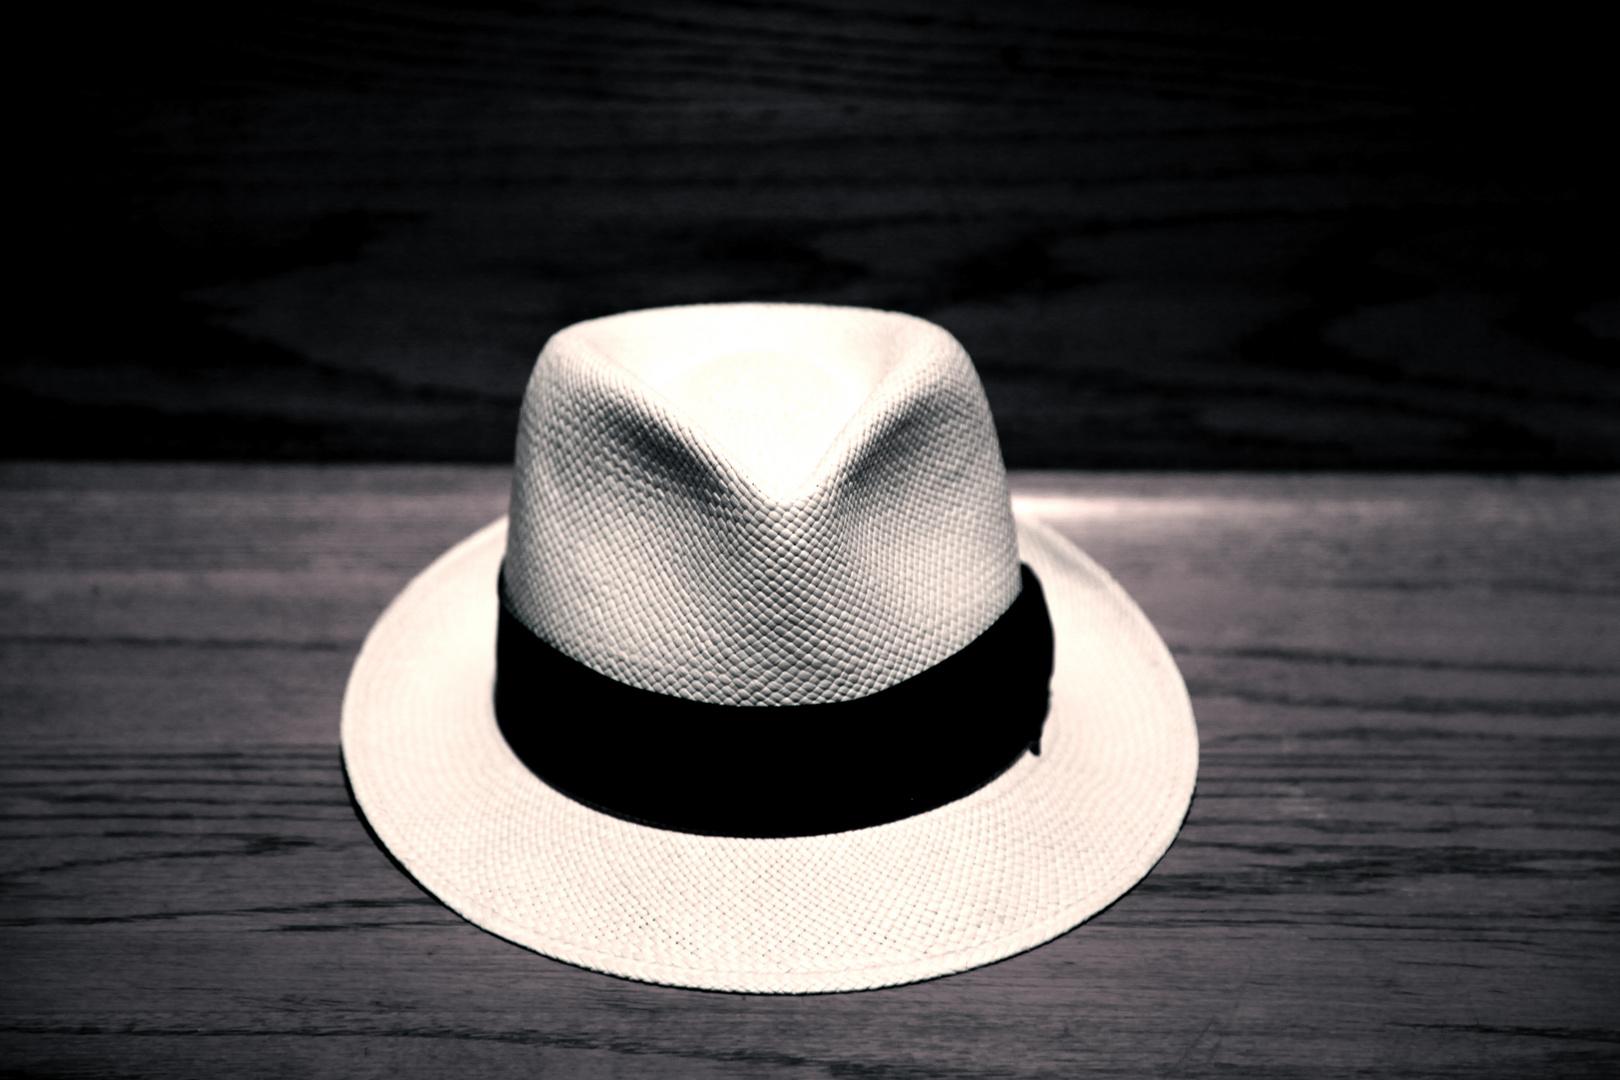 El sombrero andariego de la noche